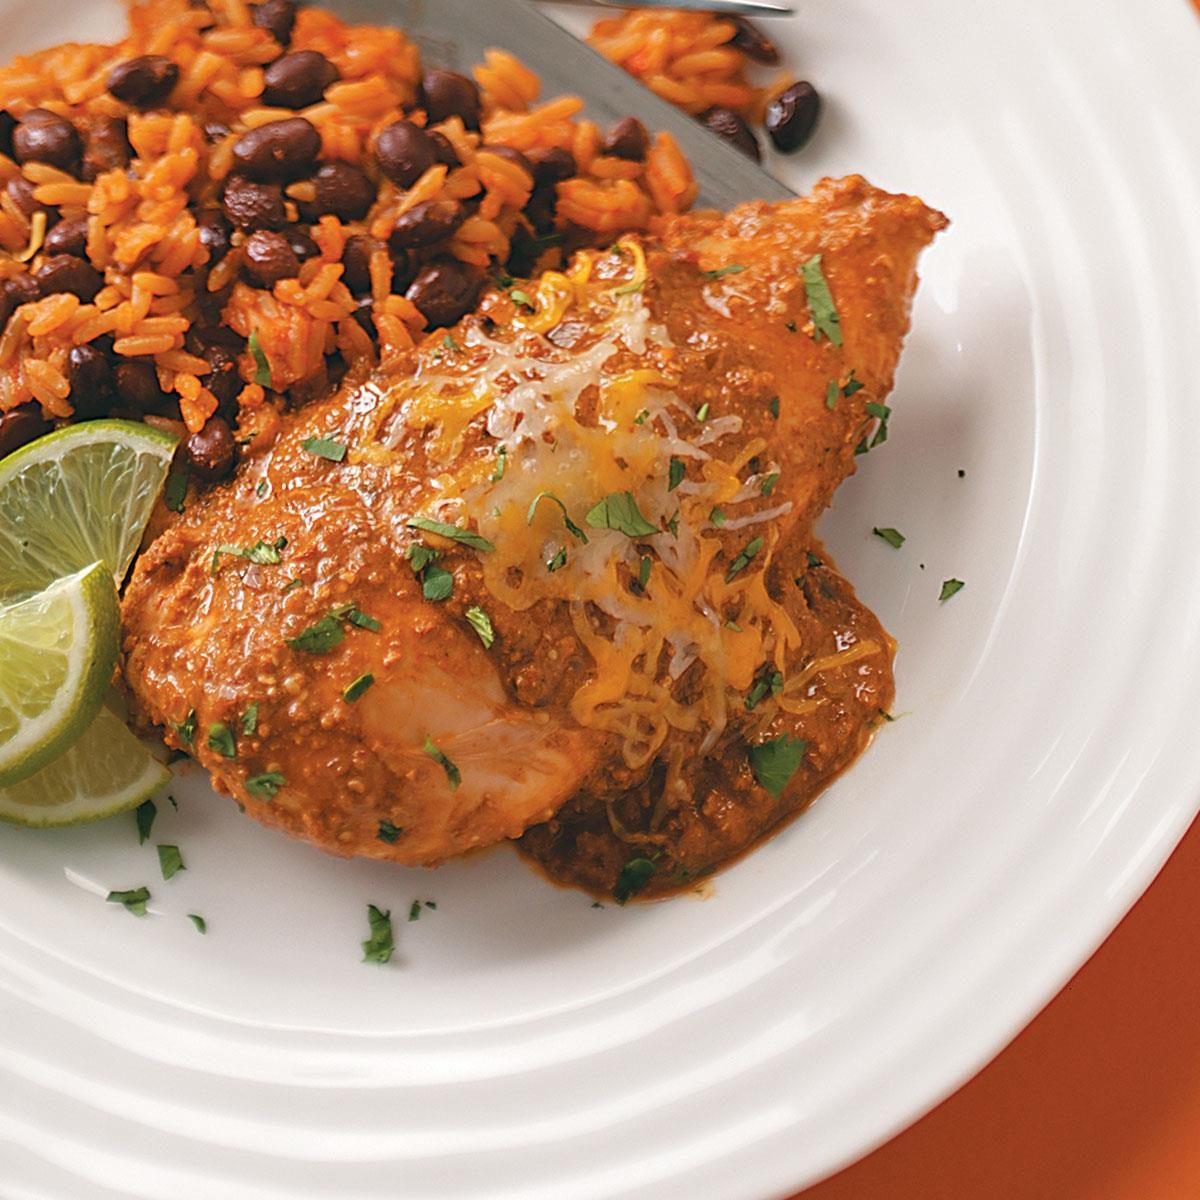 Best Chicken Mole Recipes: Chicken Mole Ole Recipe